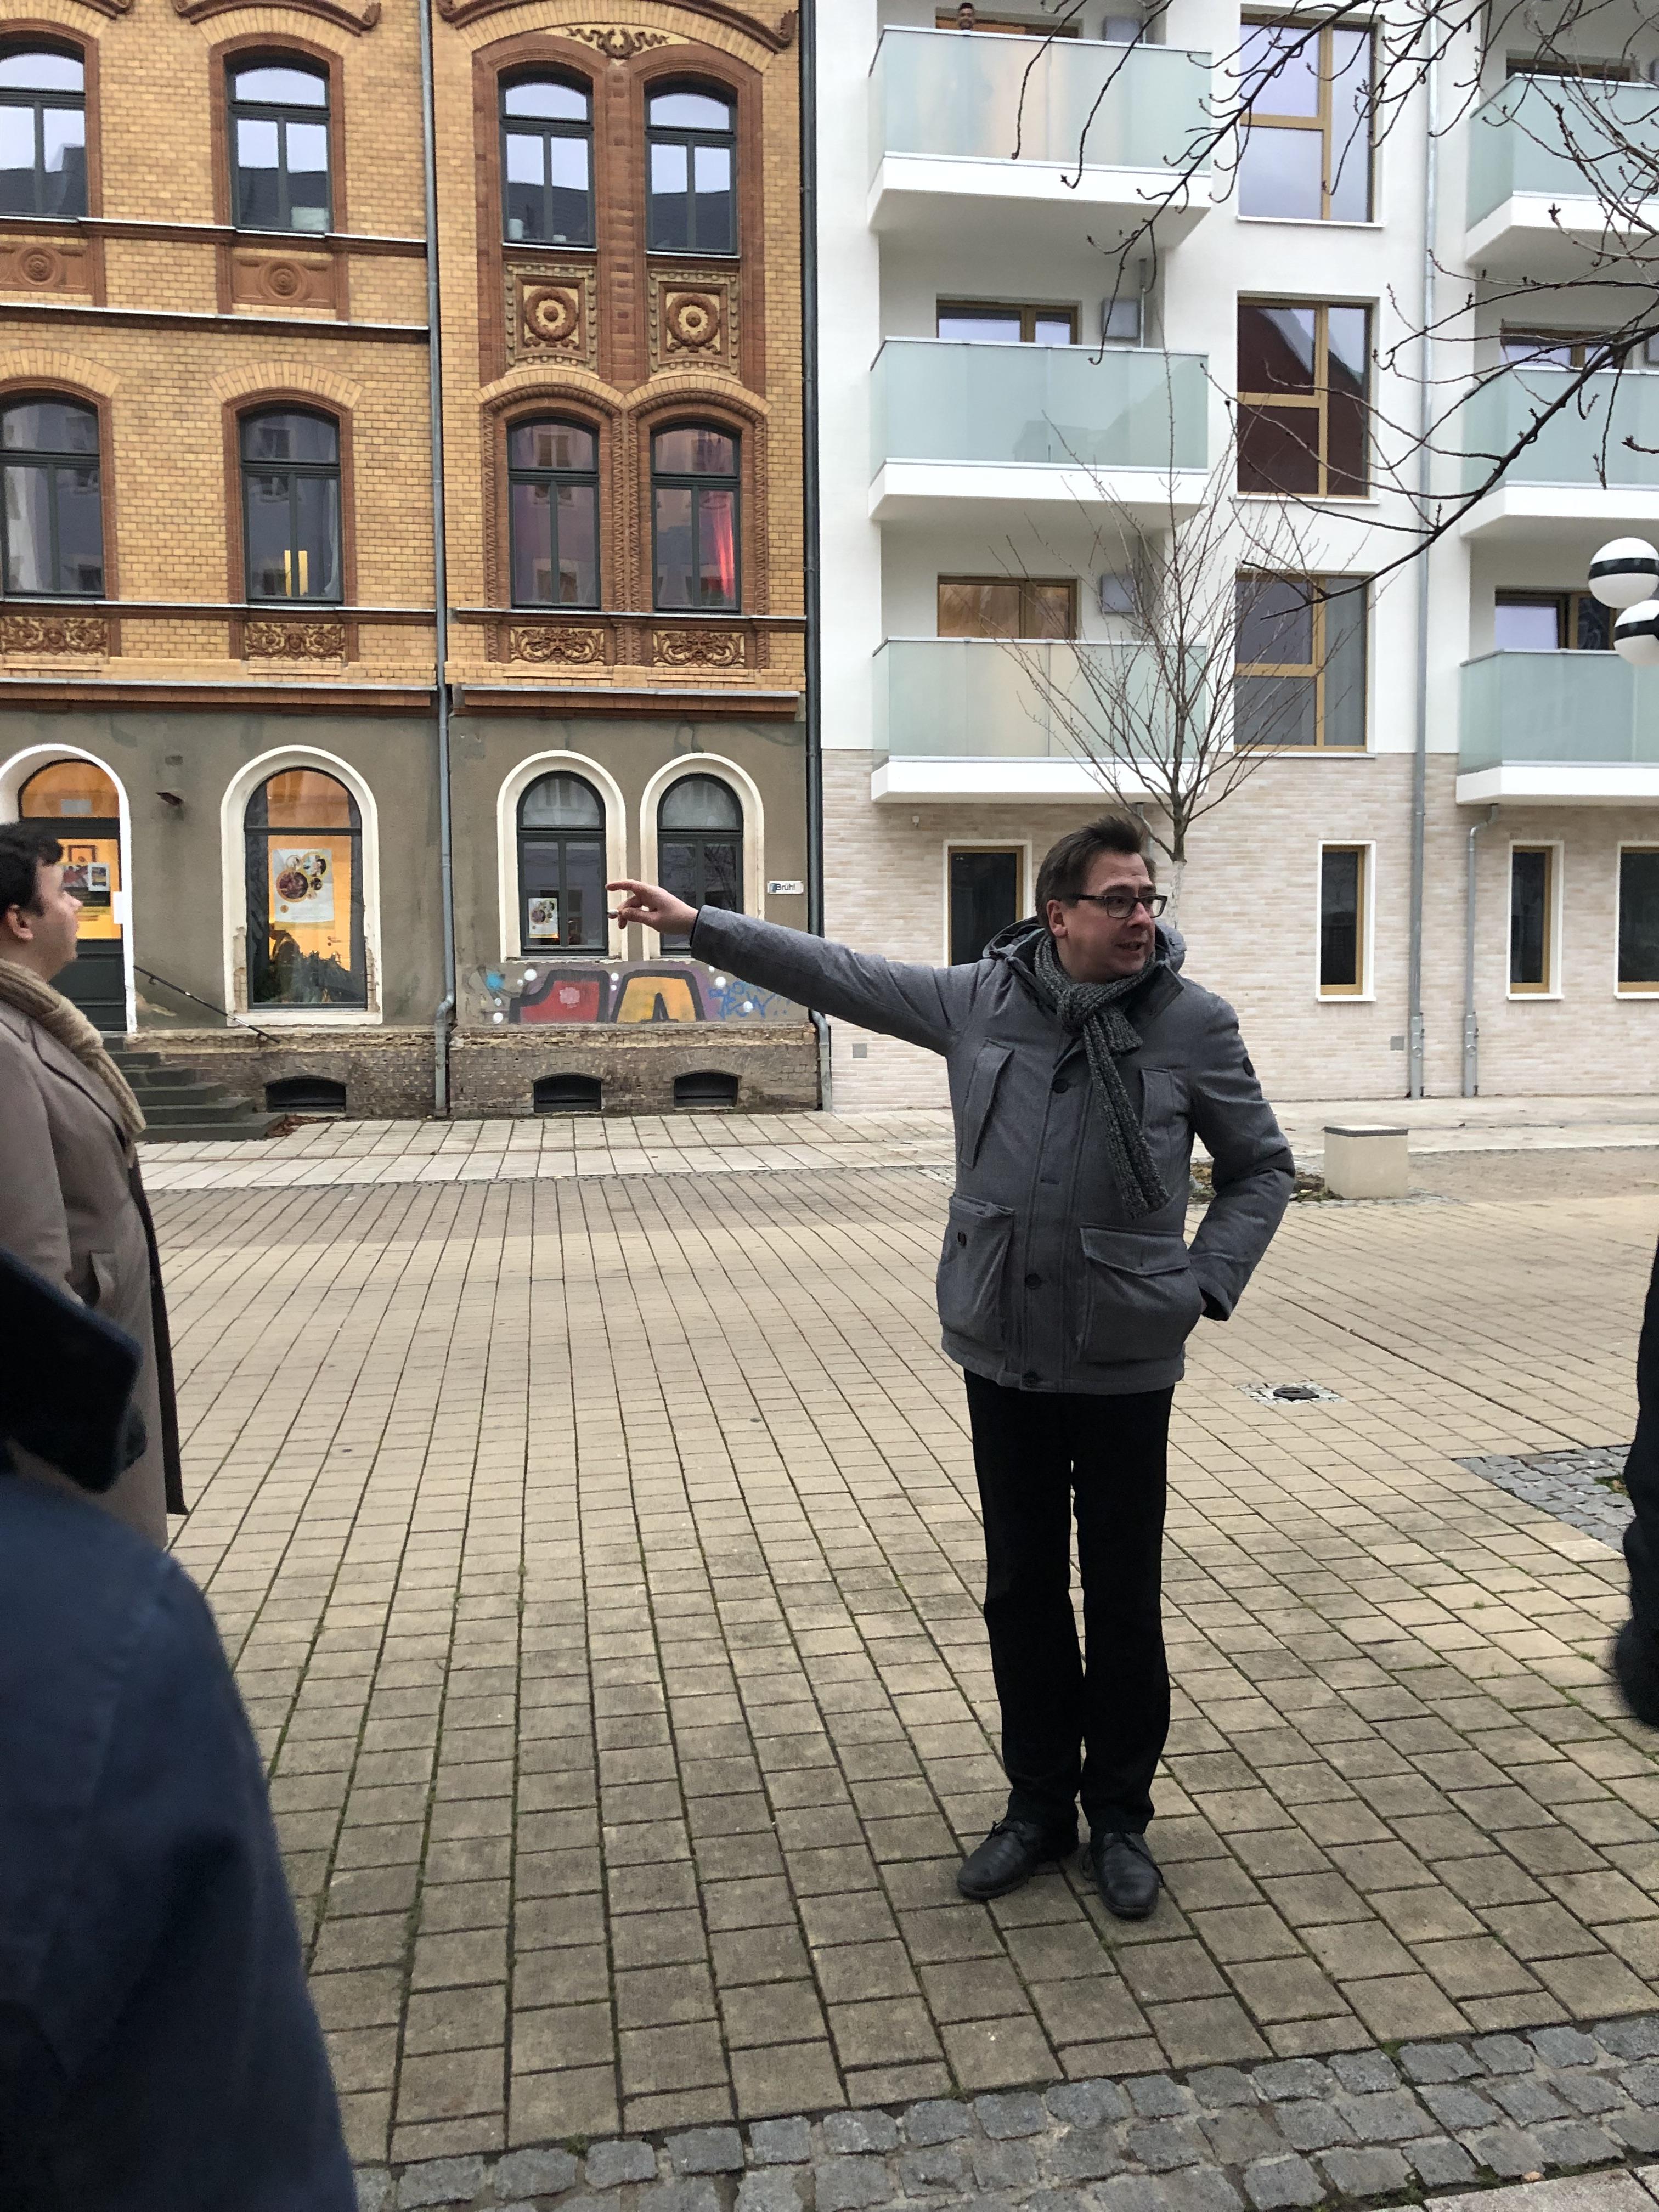 Models com chemnitz in Chemnitz,